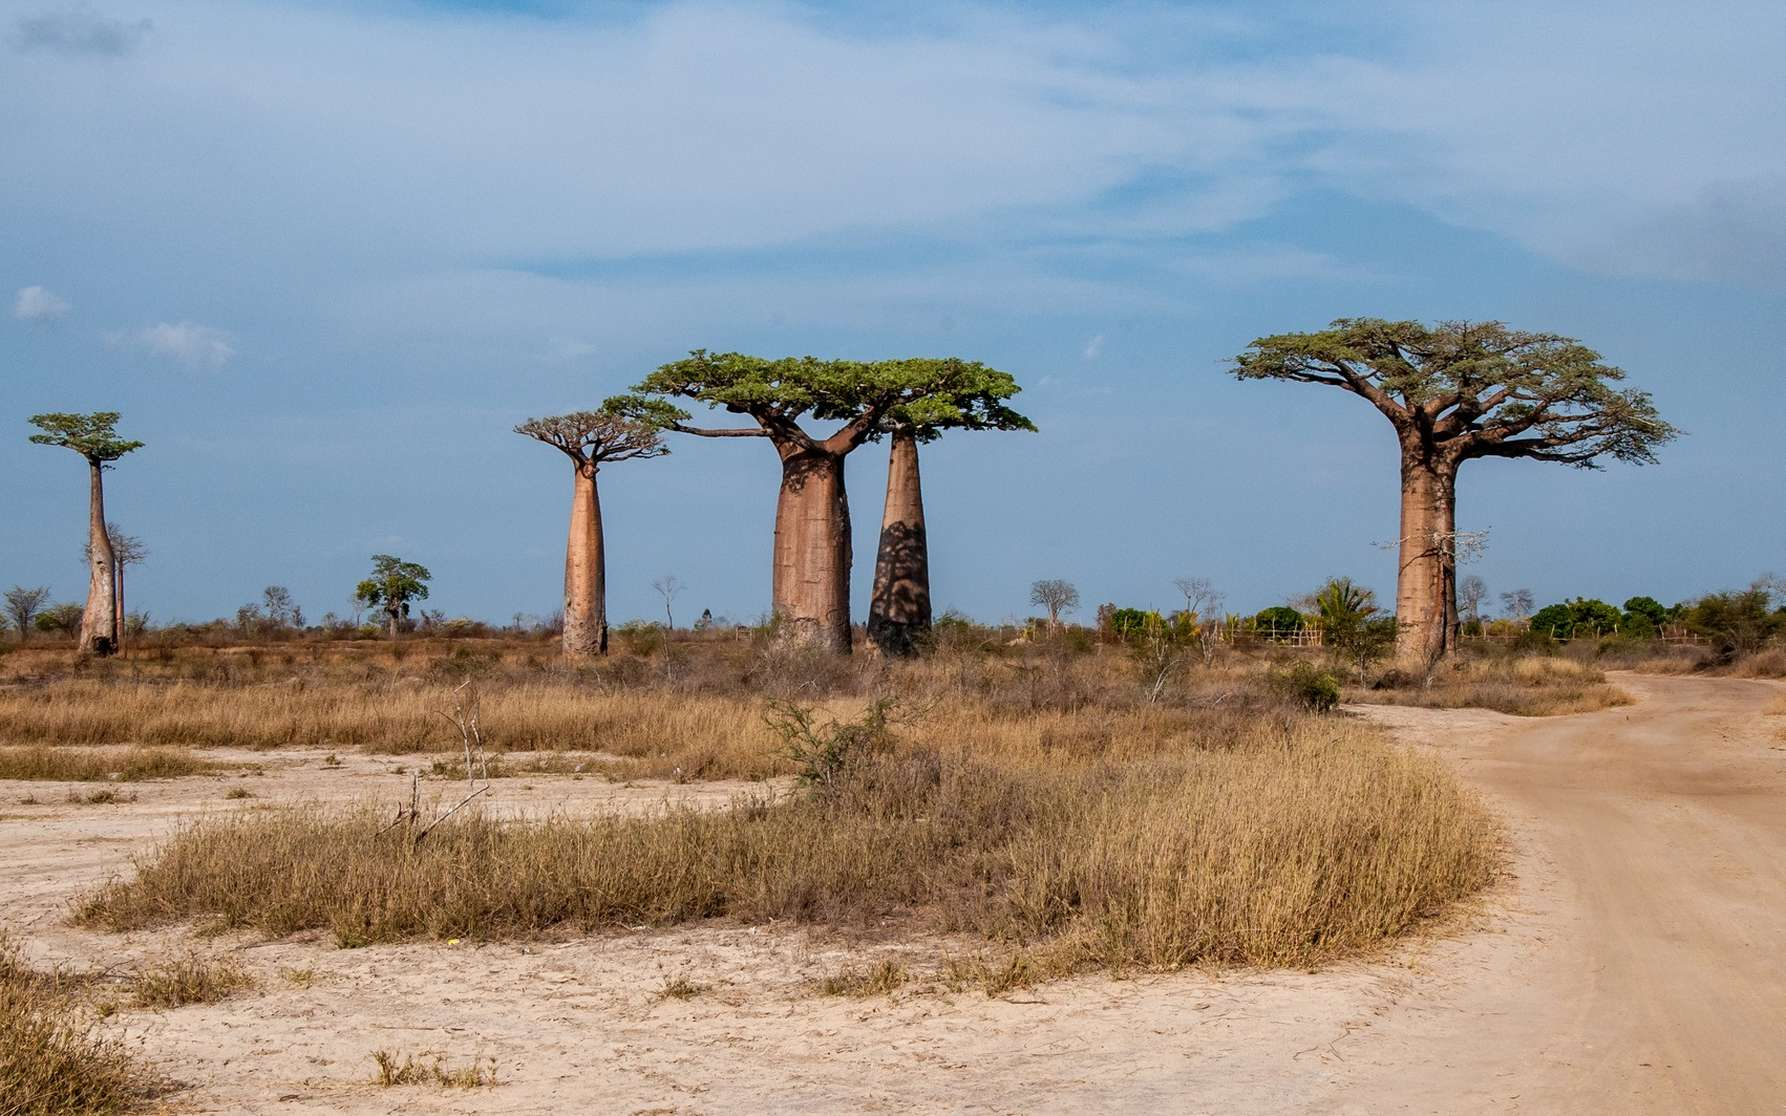 La disparition des baobabs les plus vieux s'est accélérée ces dernières années. © stefanobarze1, Fotolia